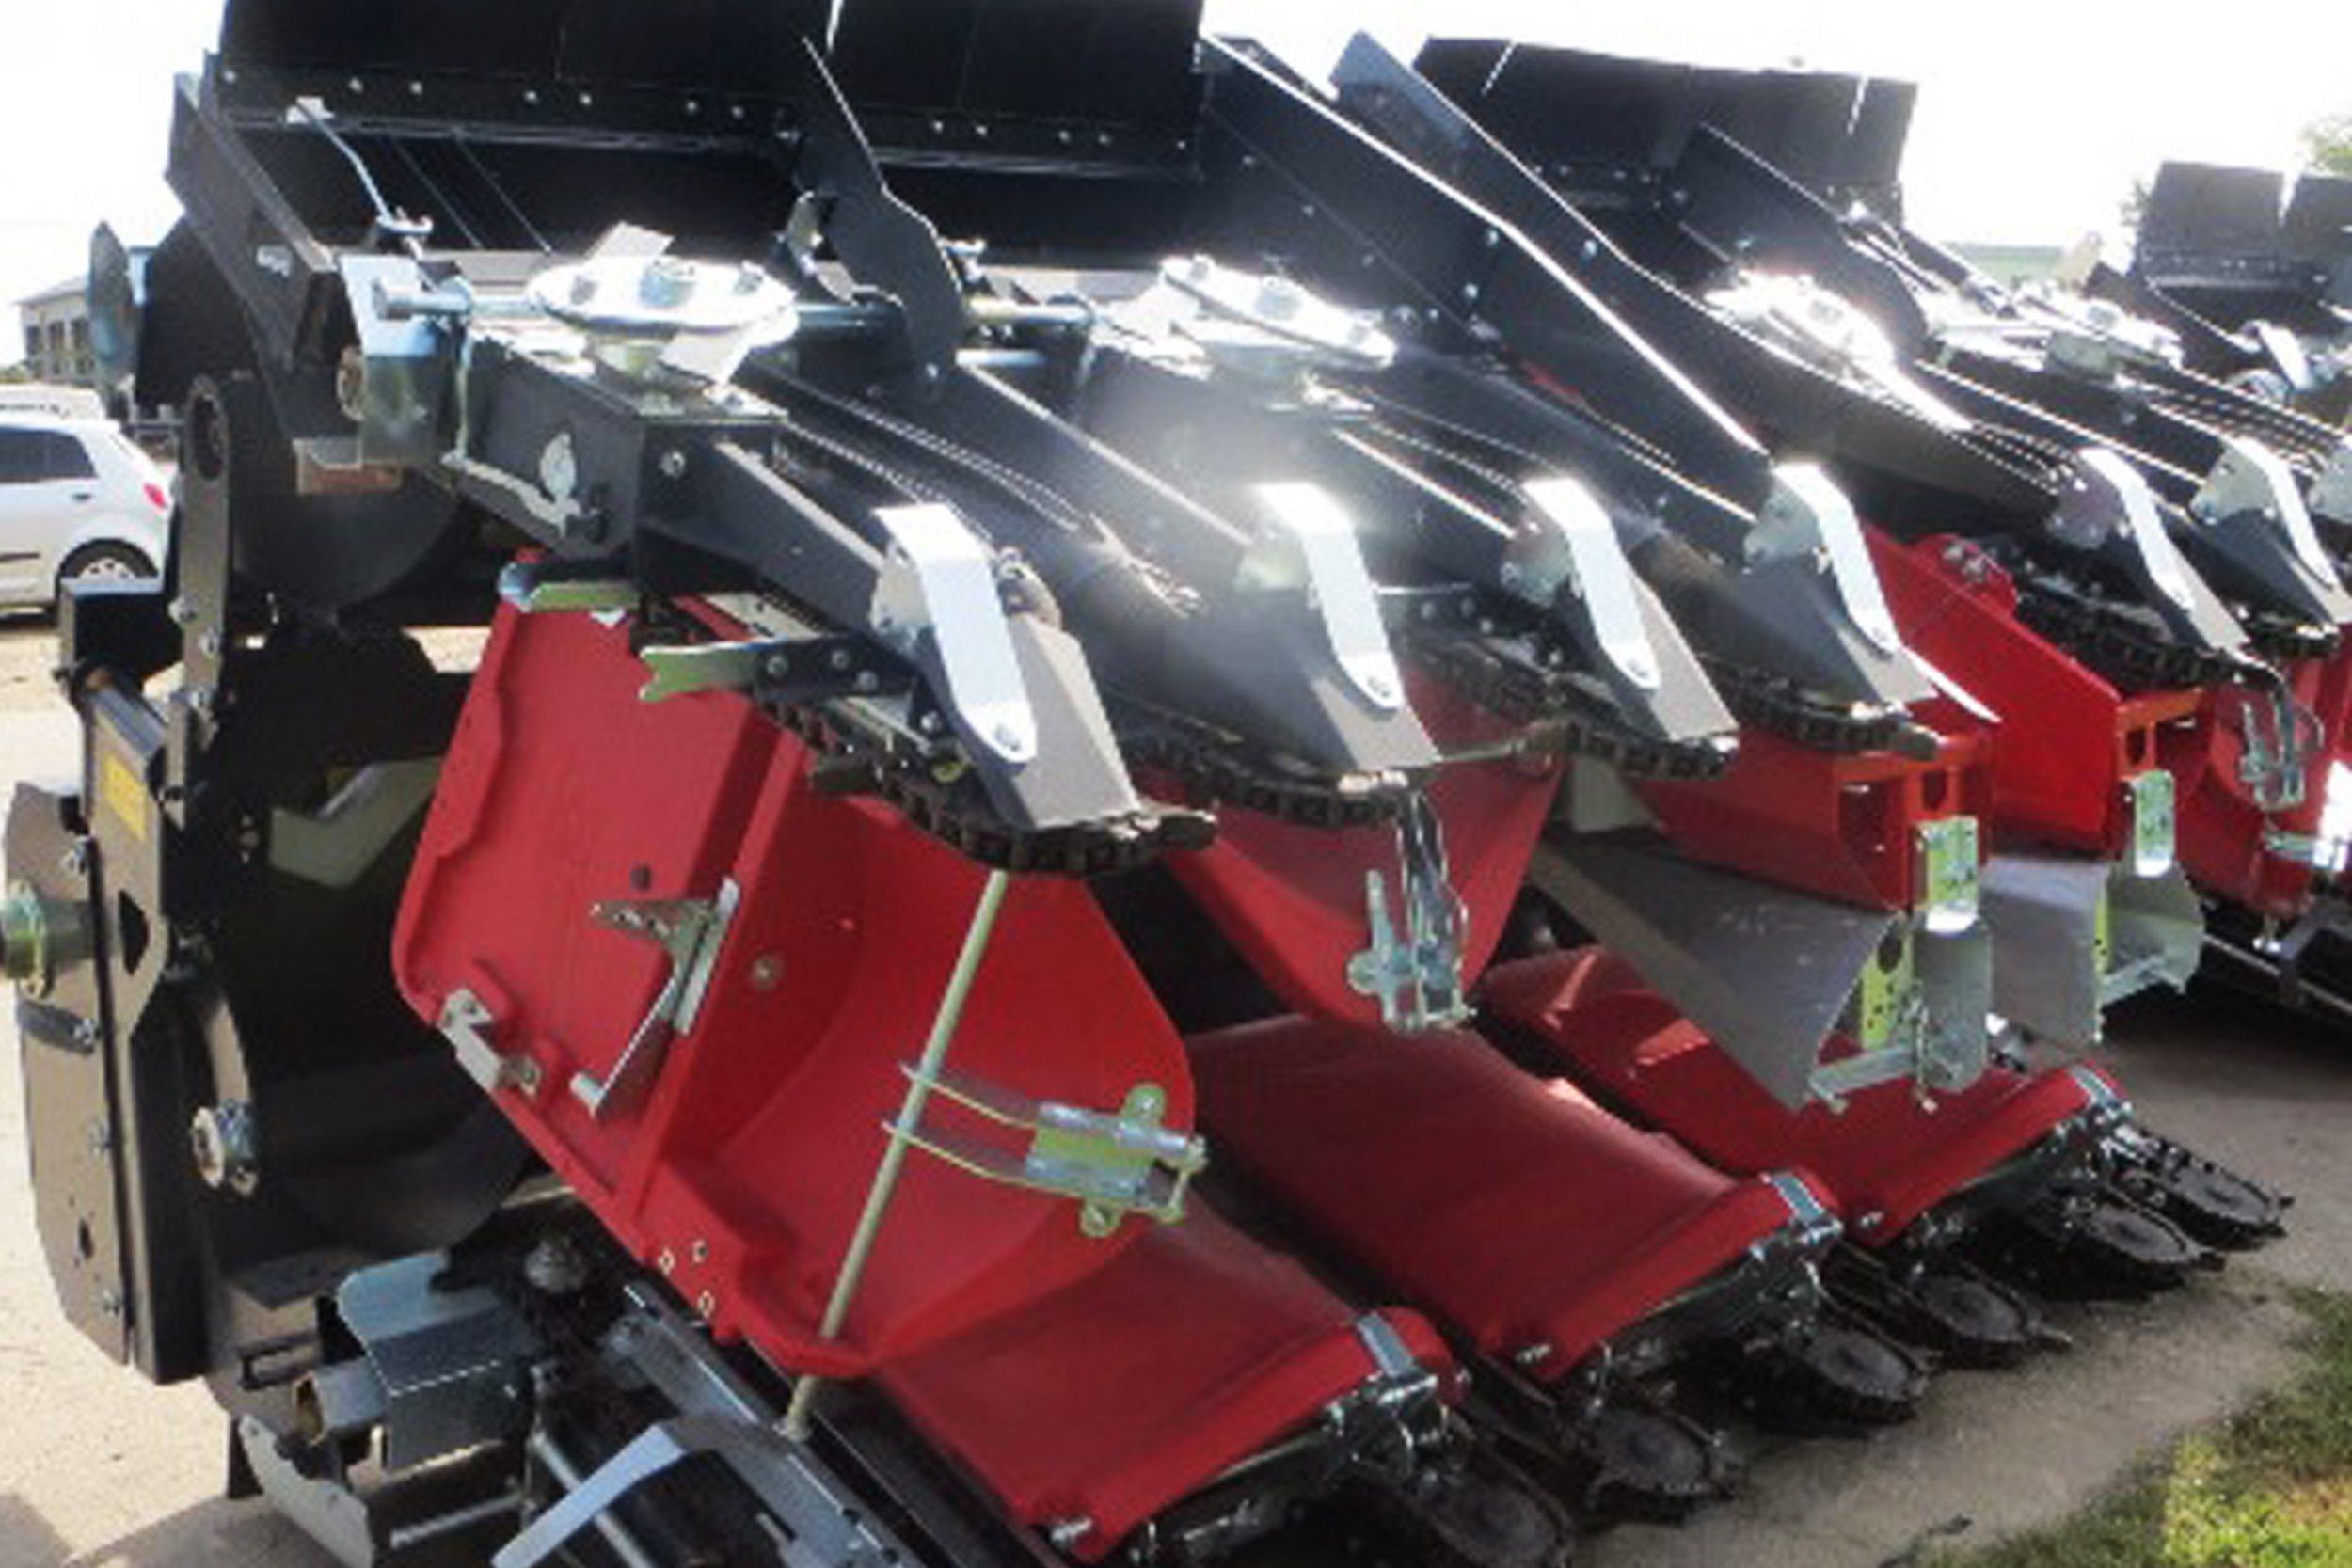 Culegator porumb Dominoni KAIMAN S 978/ 979 BG cu echipament de floarea soarelui